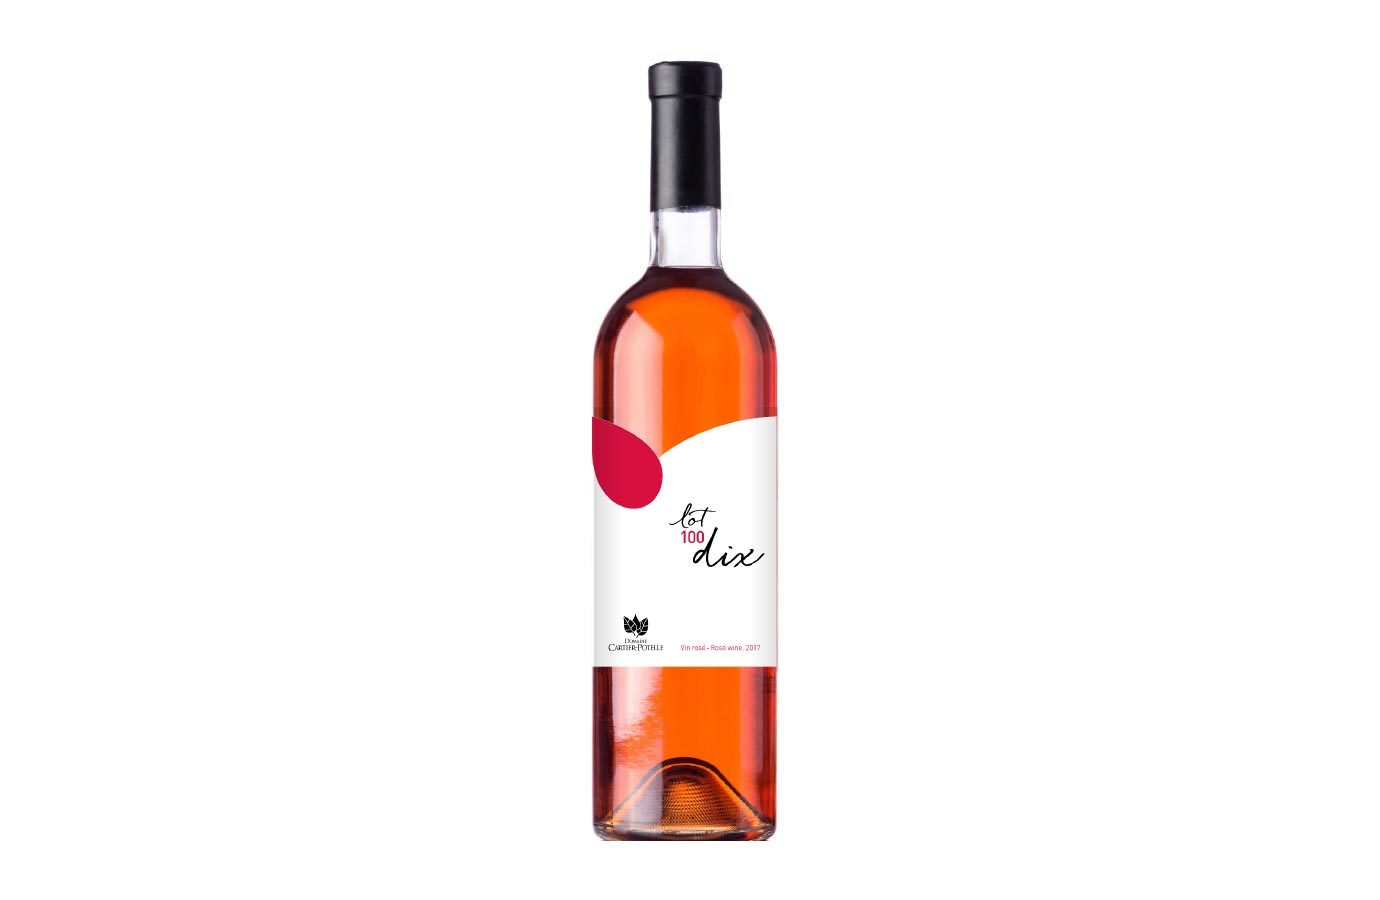 Étiquette de vin rosé Domaine Cartier-Potelle